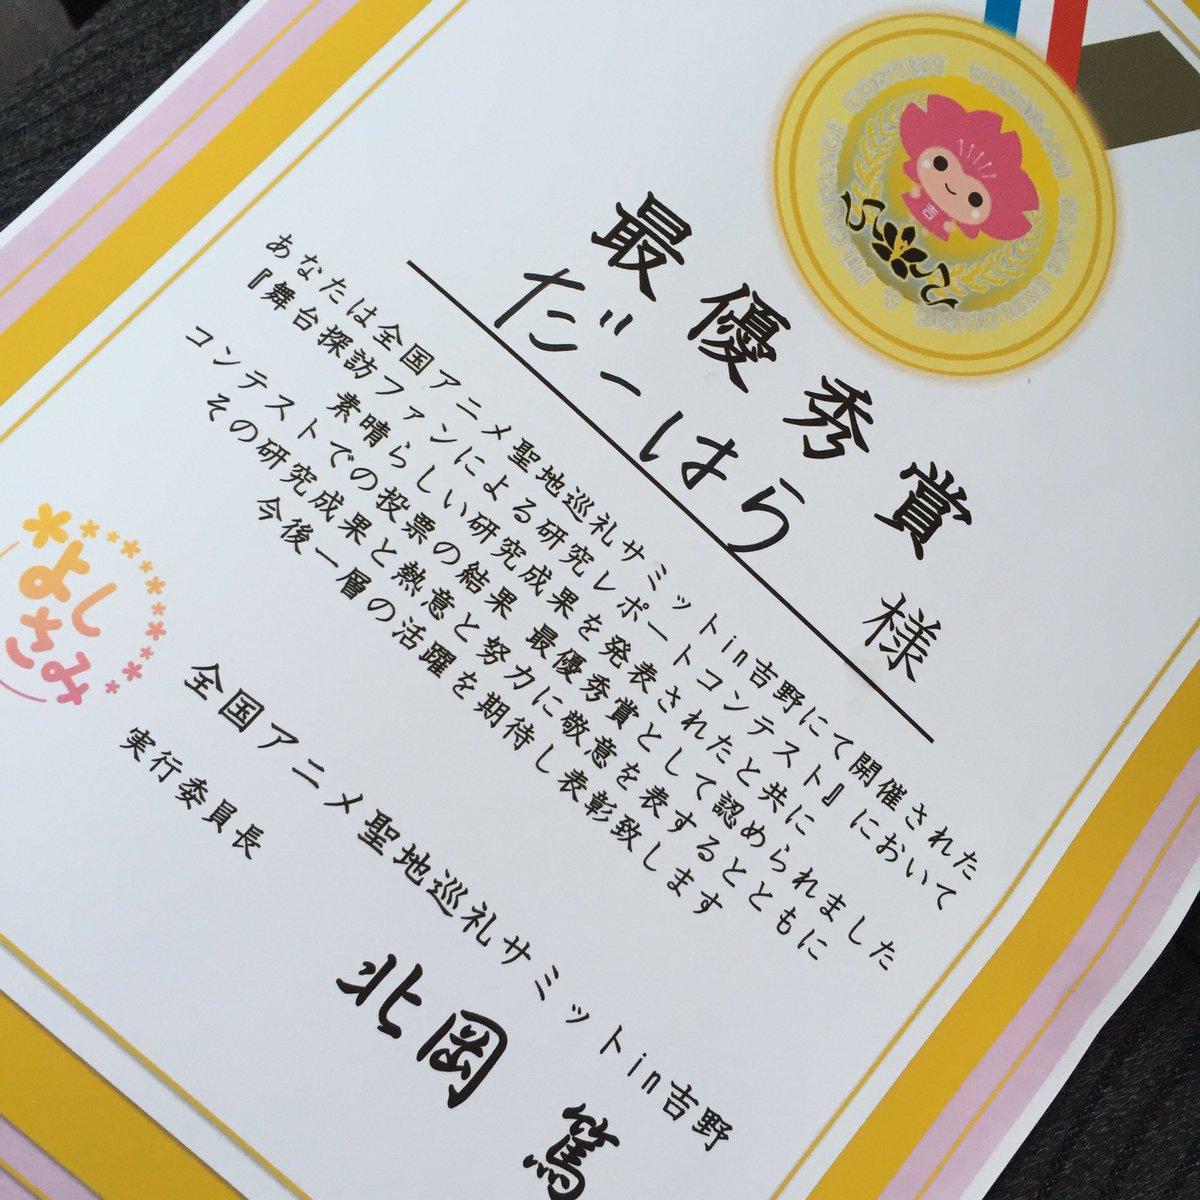 『舞台探訪ファンによる研究レポートコンテスト』最優秀賞に選んで頂けました!咲-saki-の舞台である吉野山でのサミットで